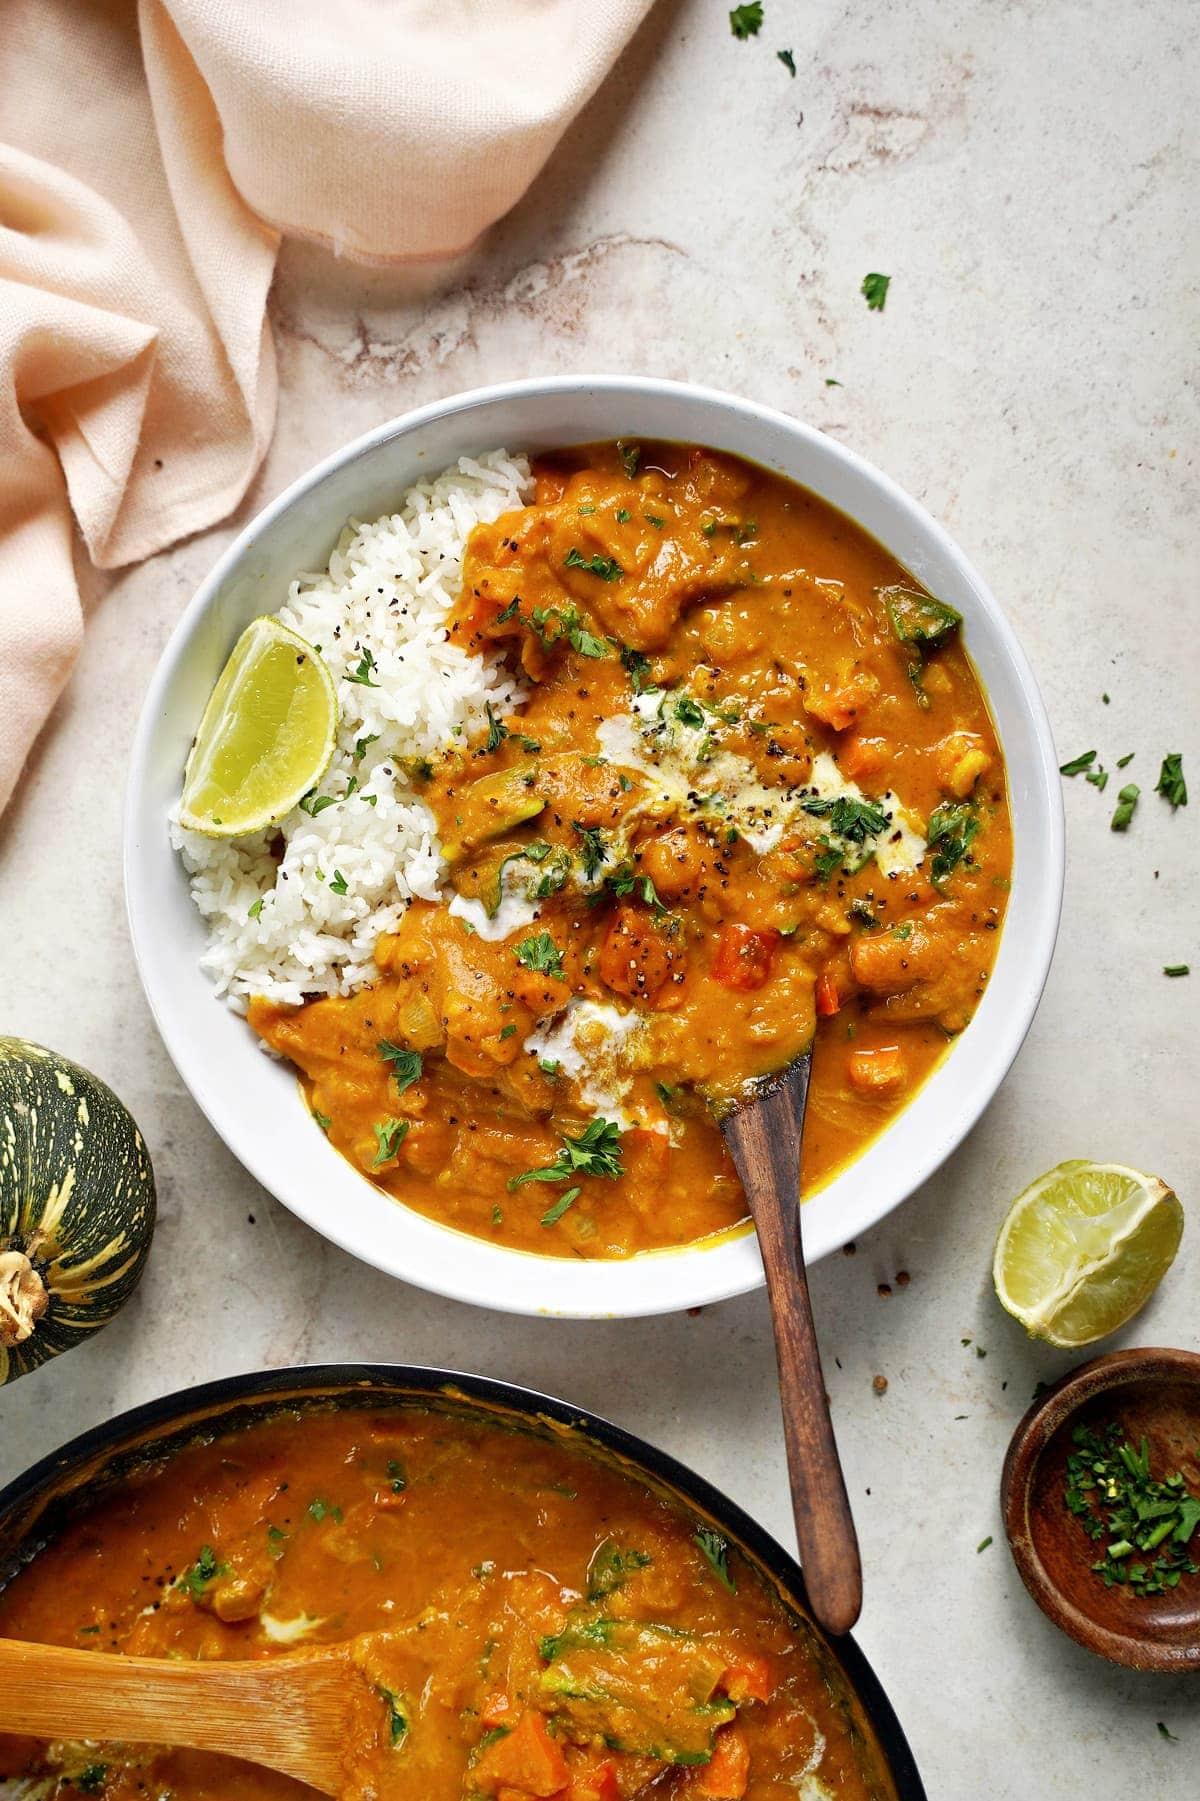 Kürbis-Curry mit Reis in Schale von oben